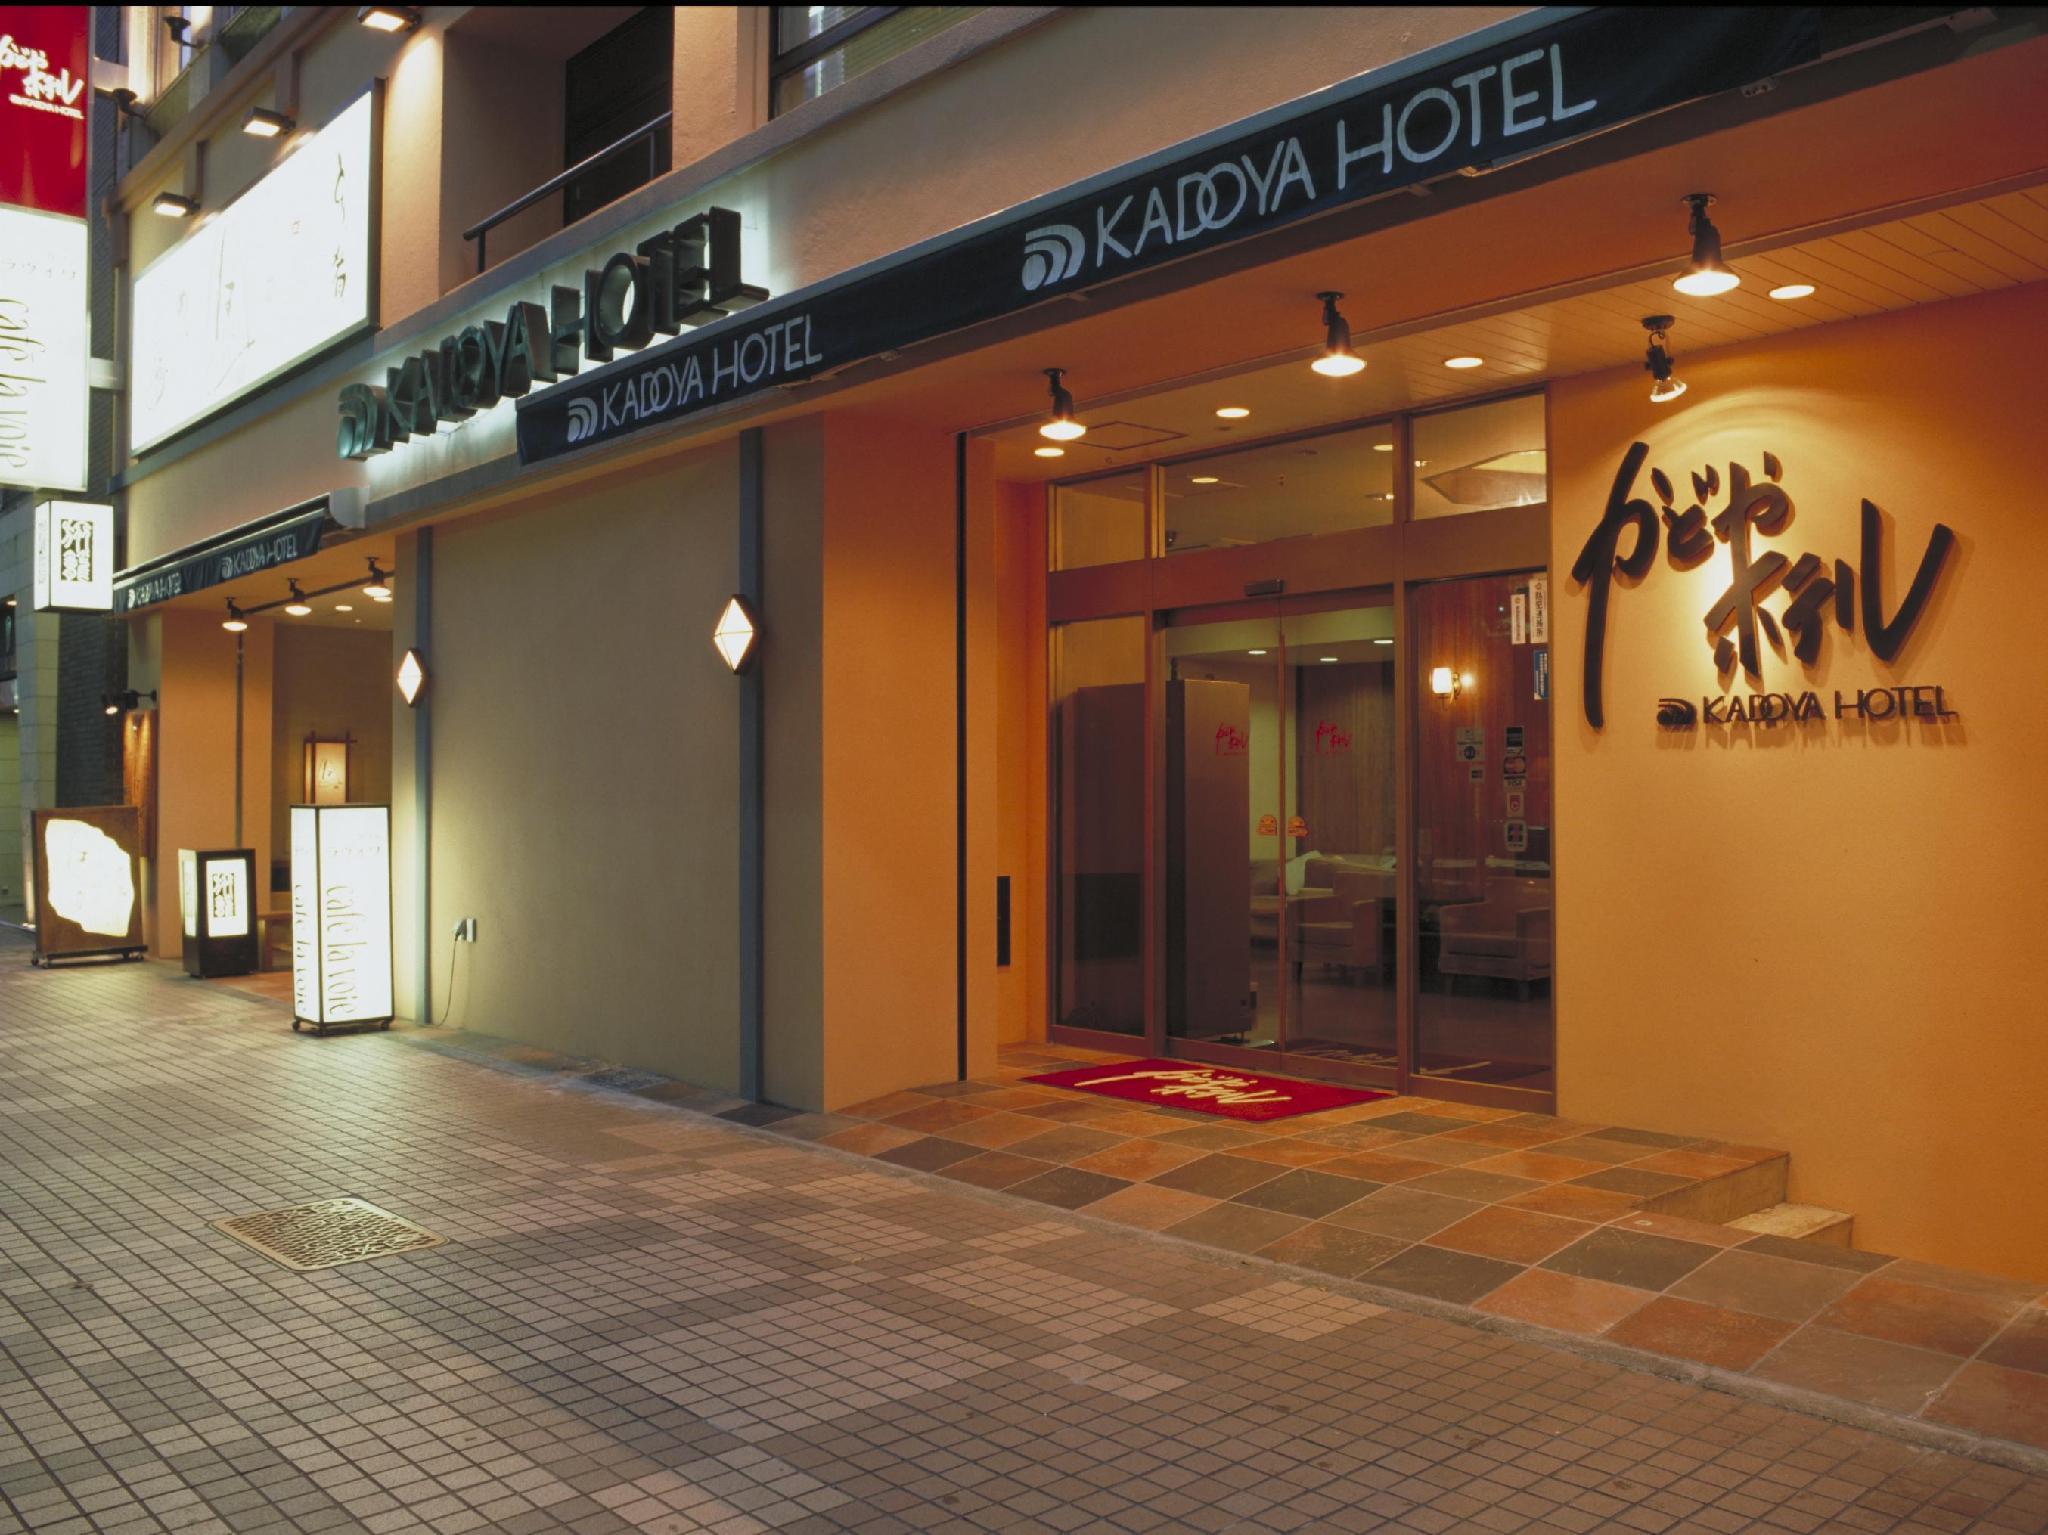 親子出國旅遊訂房角屋飯店(Kadoya Hotel)